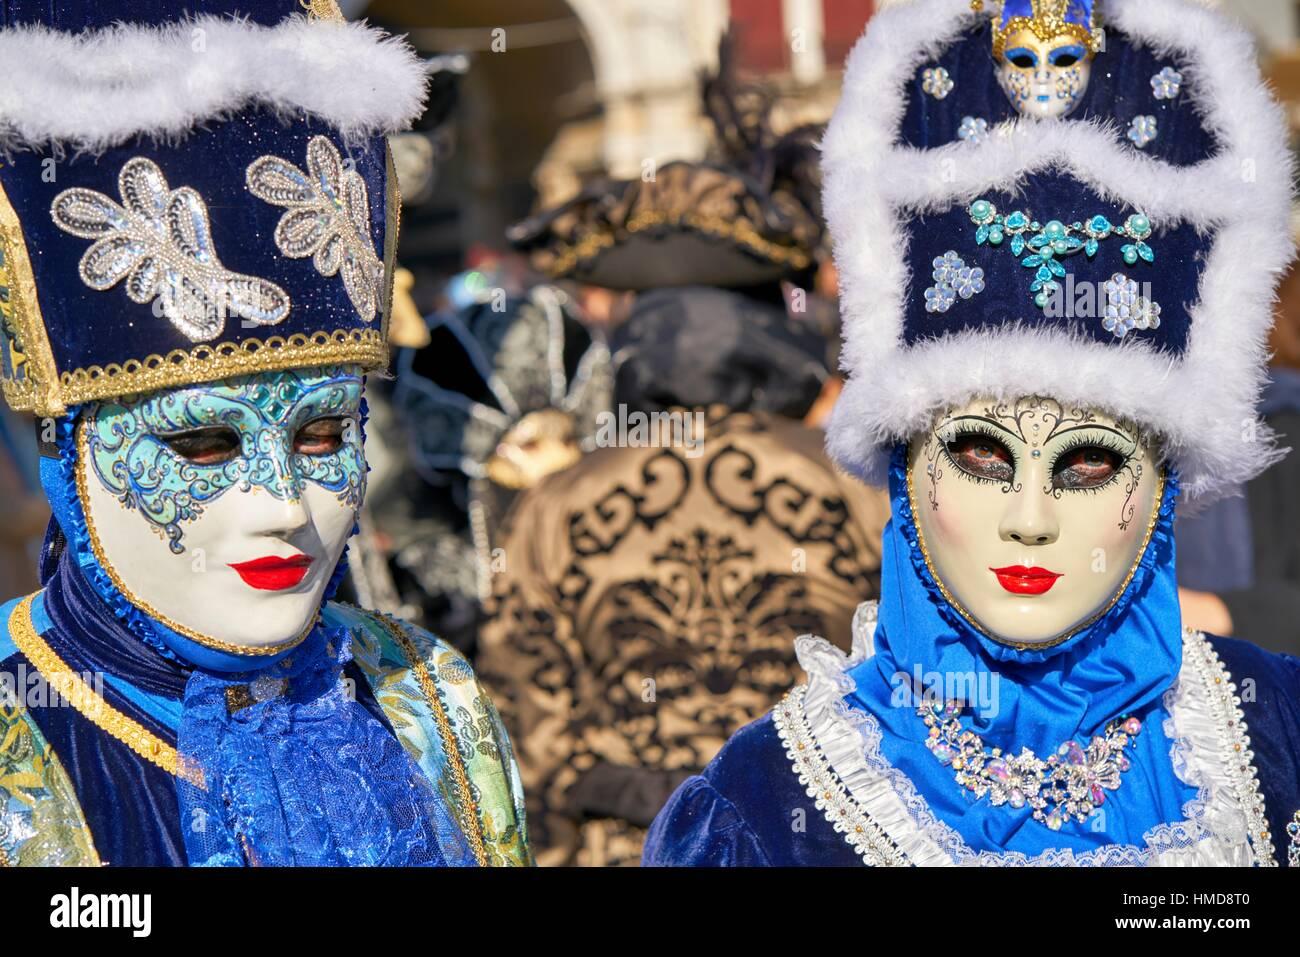 Artistique coloré masques au Carnaval de Venise. L'Italie par la Place Saint Marc. Photo Stock